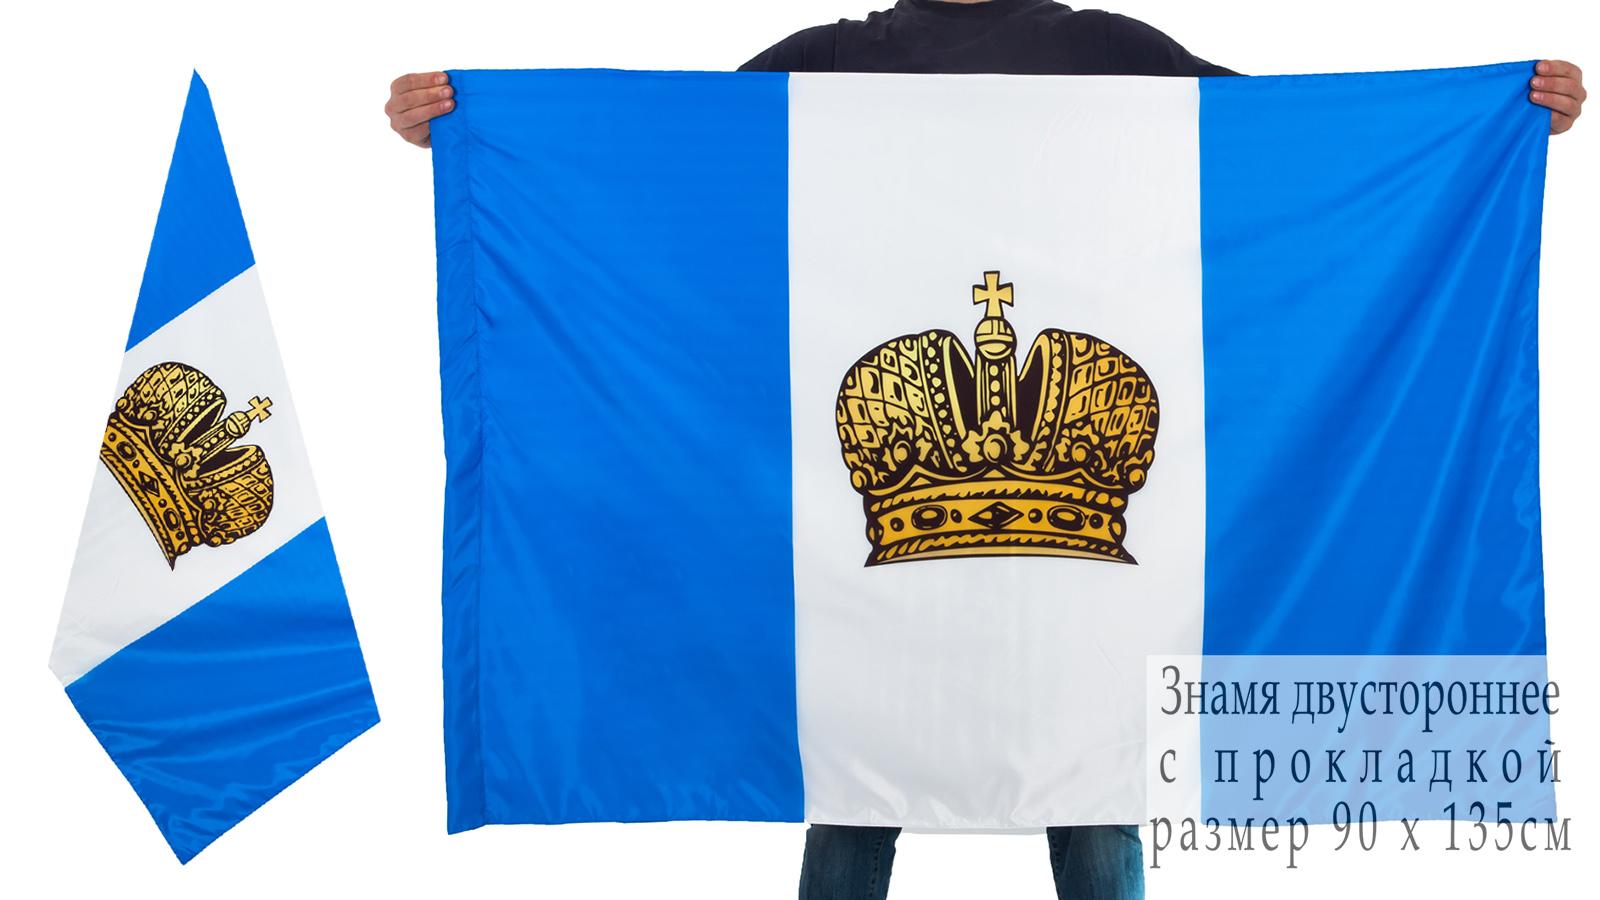 Двухсторонний флаг Ульяновска